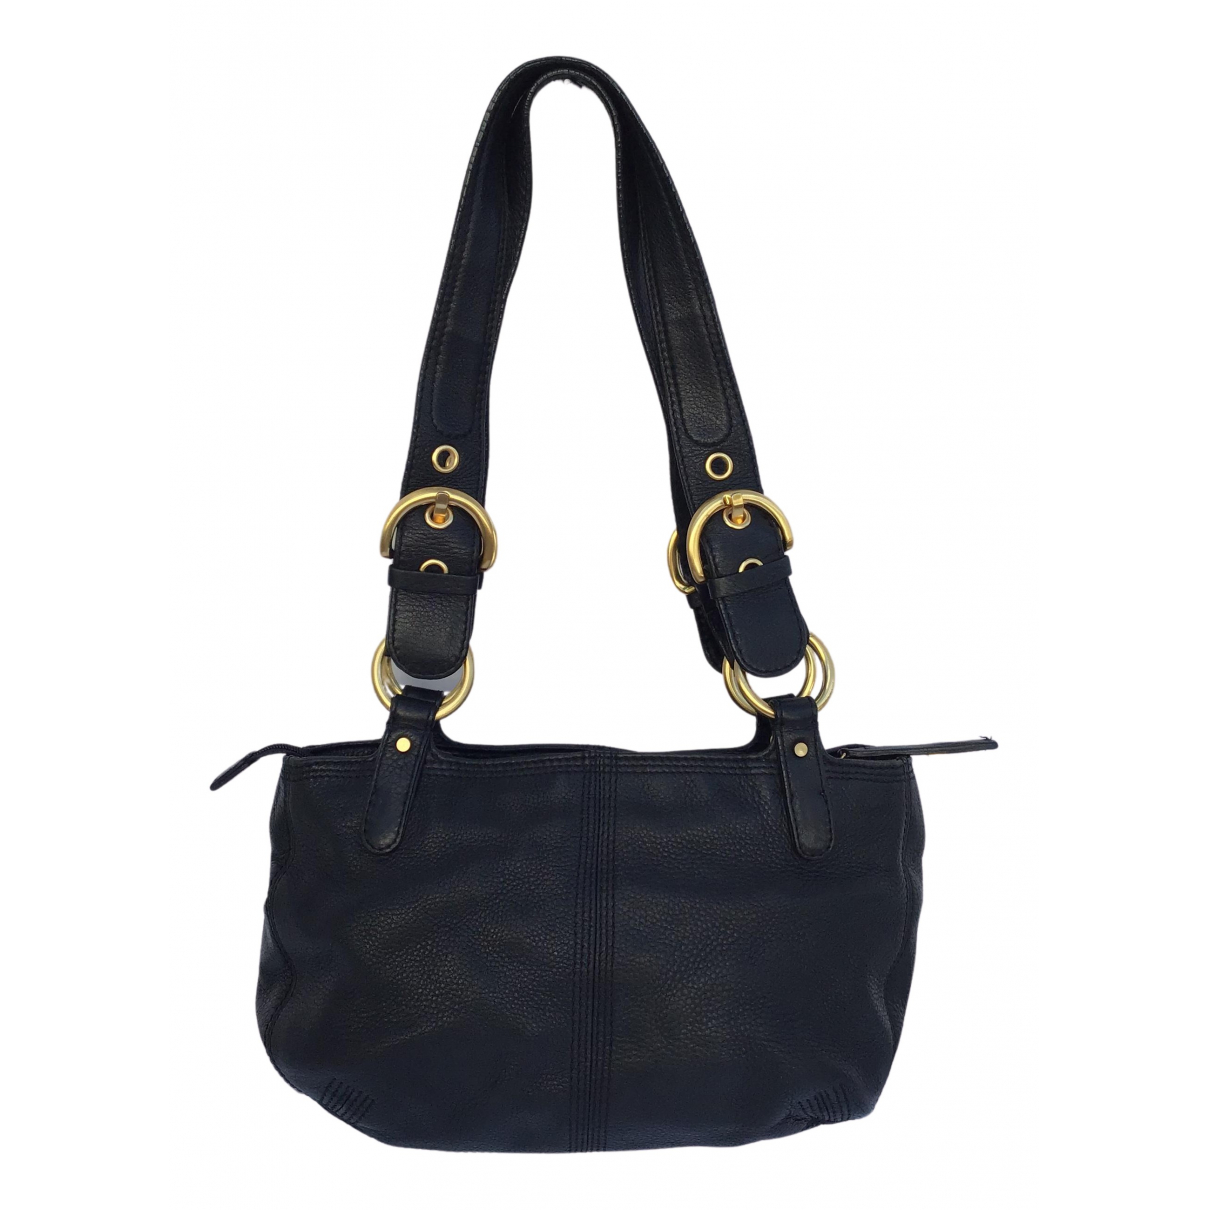 M Missoni \N Handtasche in  Schwarz Leder